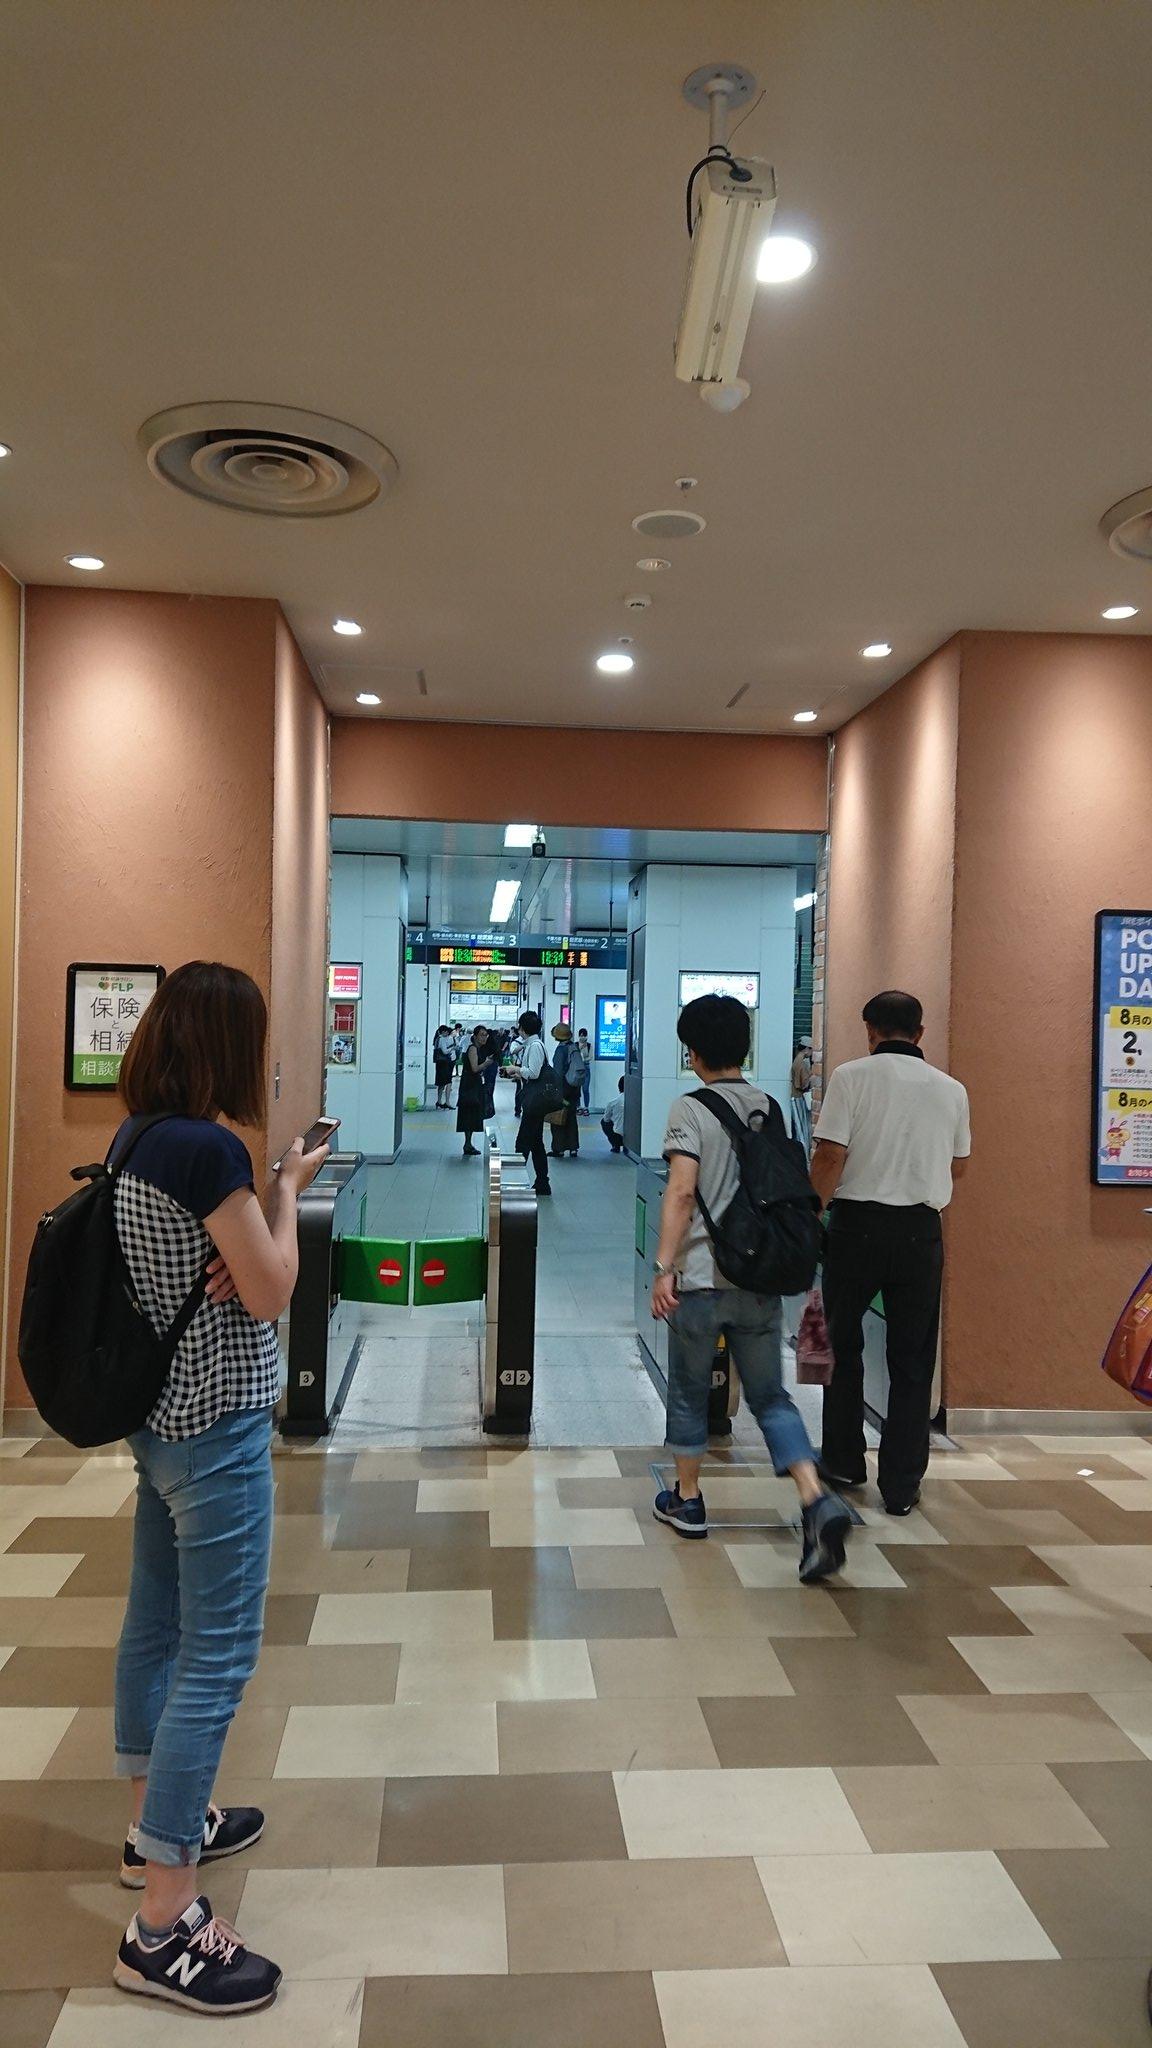 稲毛駅で人身事故が起きた構内の画像